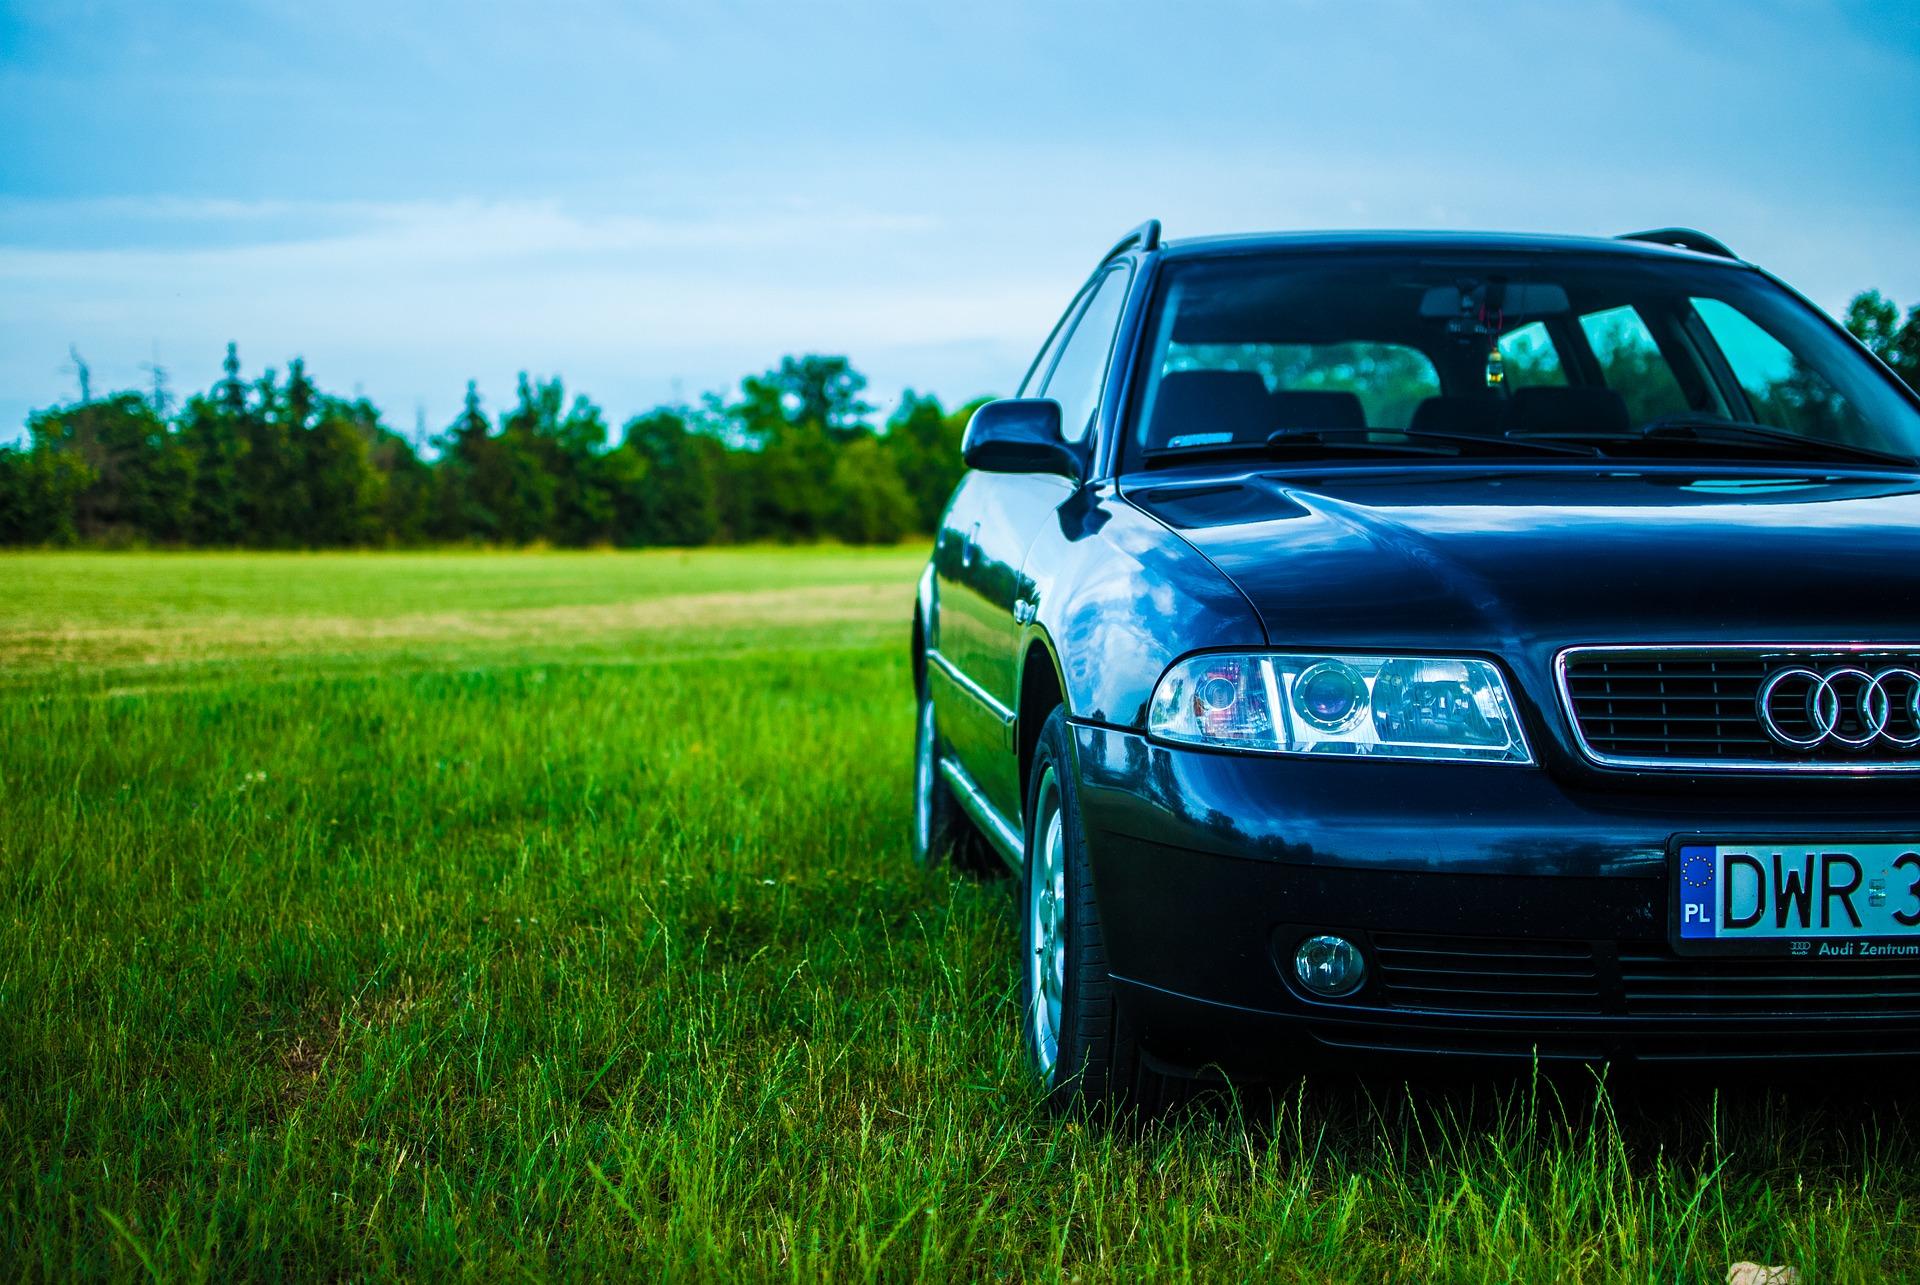 58% Polaków uważa, że zakup dobrego auta używanego jest trudny, ale możliwy